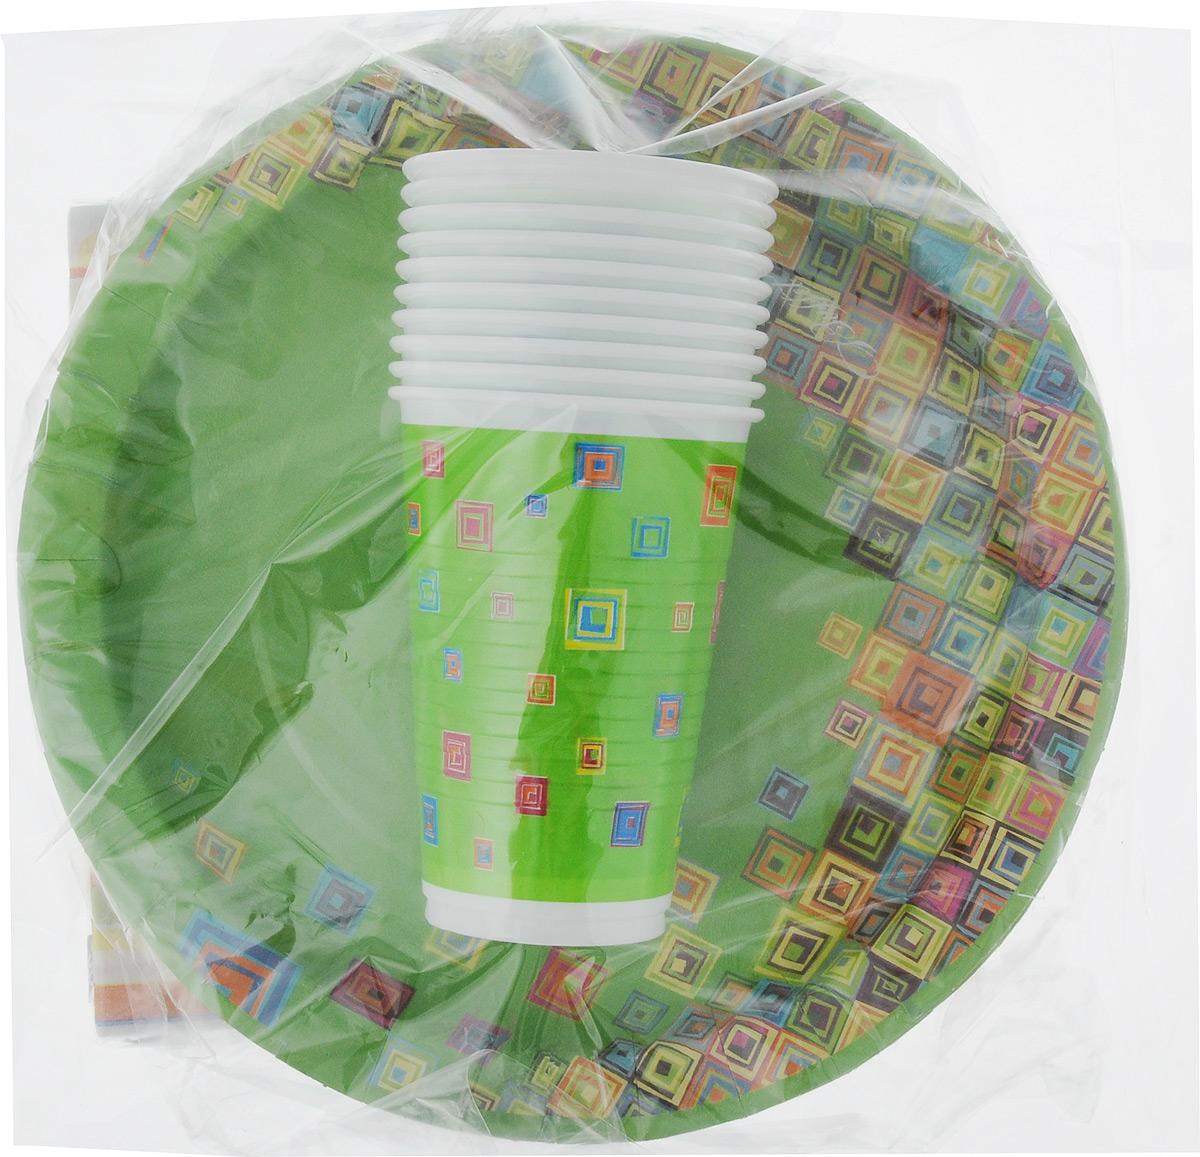 Набор одноразовой посуды Мистерия Стандарт, 40 предметовПОС02312Набор одноразовой посуды Мистерия Стандарт на 10 персон включает 10 тарелок, 10 стаканов и 20 салфеток. Посуда предназначена для холодных и горячих (до +70°С) пищевых продуктов и напитков. Стаканы выполнены из прочного полипропилена, а тарелки - из ламинированного картона. В комплекте также имеются трехслойные бумажные салфетки. Все предметы набора дополнены ярким красочным рисунком. Такой набор посуды отлично подойдет для отдыха на природе, пикников, а также детских праздников. В нем есть все необходимое. Он легкий и не занимает много места, а самое главное - после использования его не надо мыть. Объем стакана: 200 мл. Диаметр стакана (по верхнему краю): 7 см. Высота стакана: 10 см. Диаметр тарелки: 23 см. Размер салфетки: 33 х 33 см.